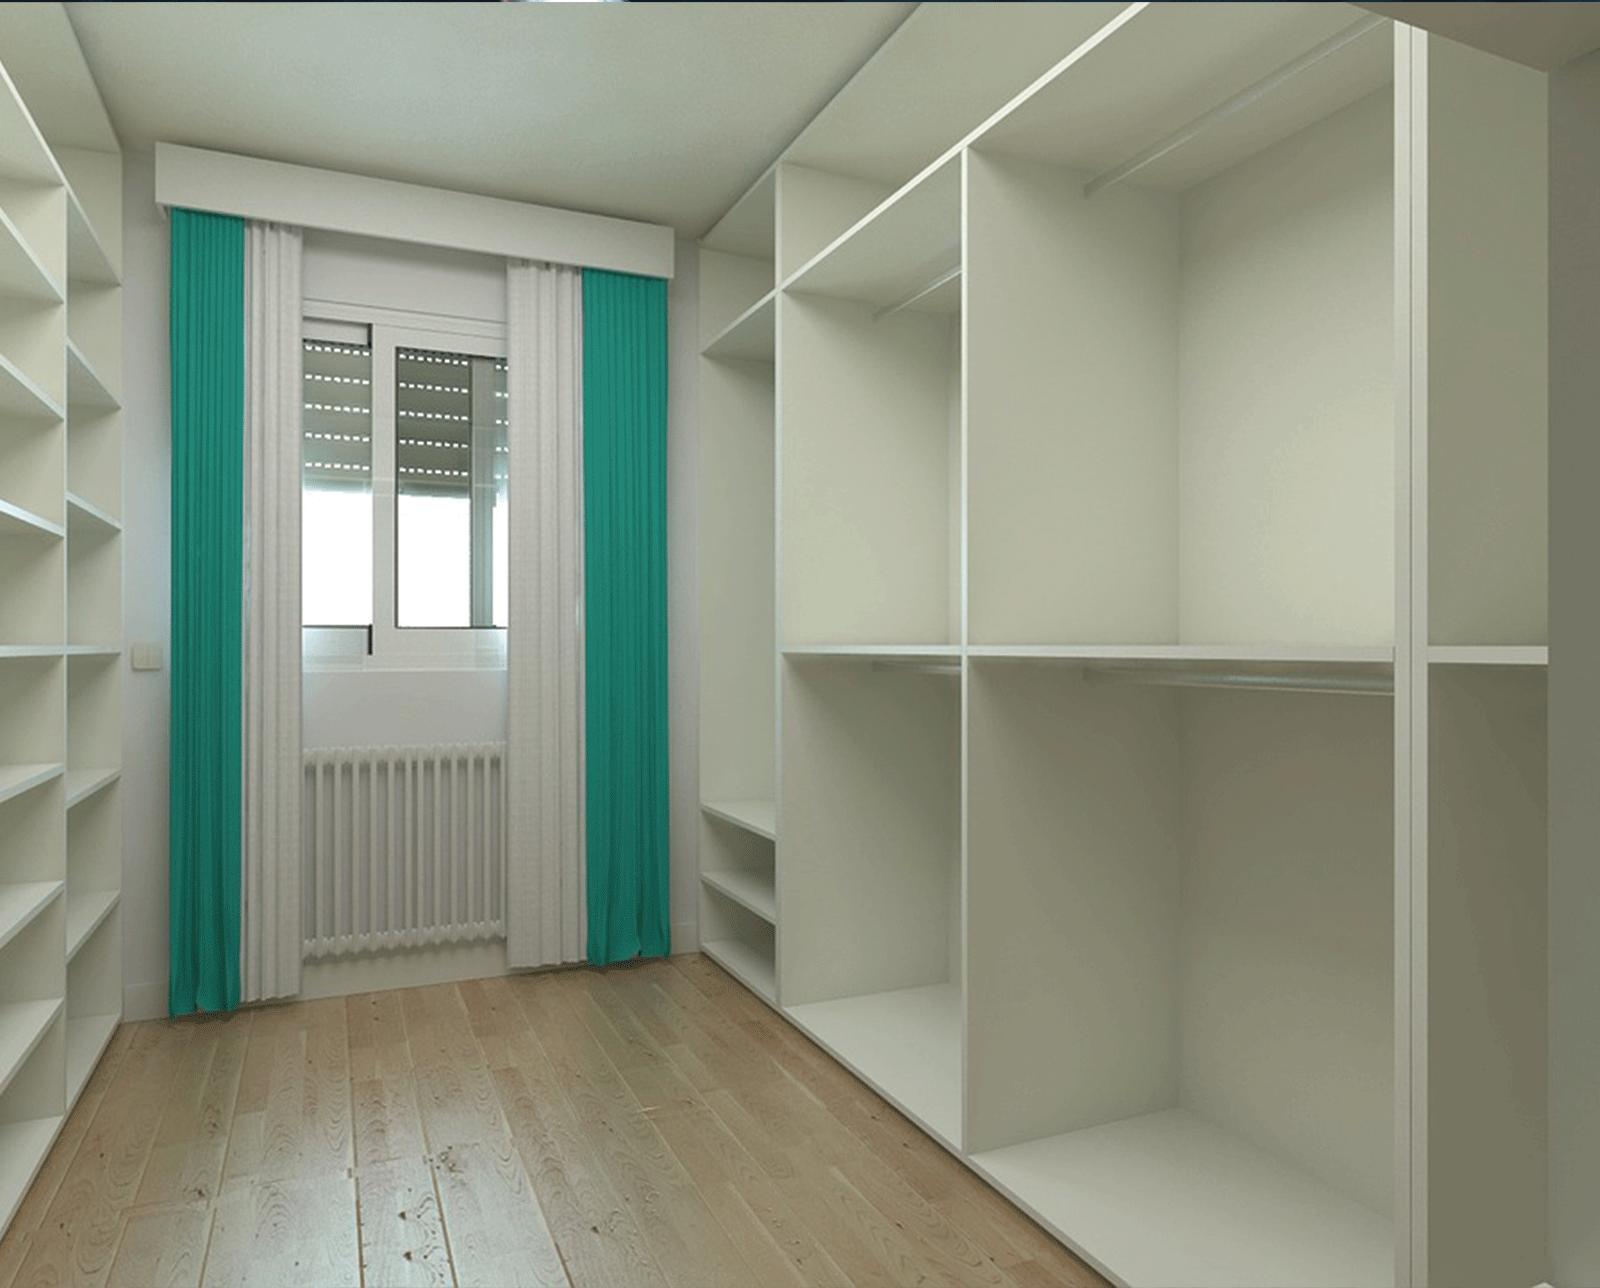 cabine-armadio